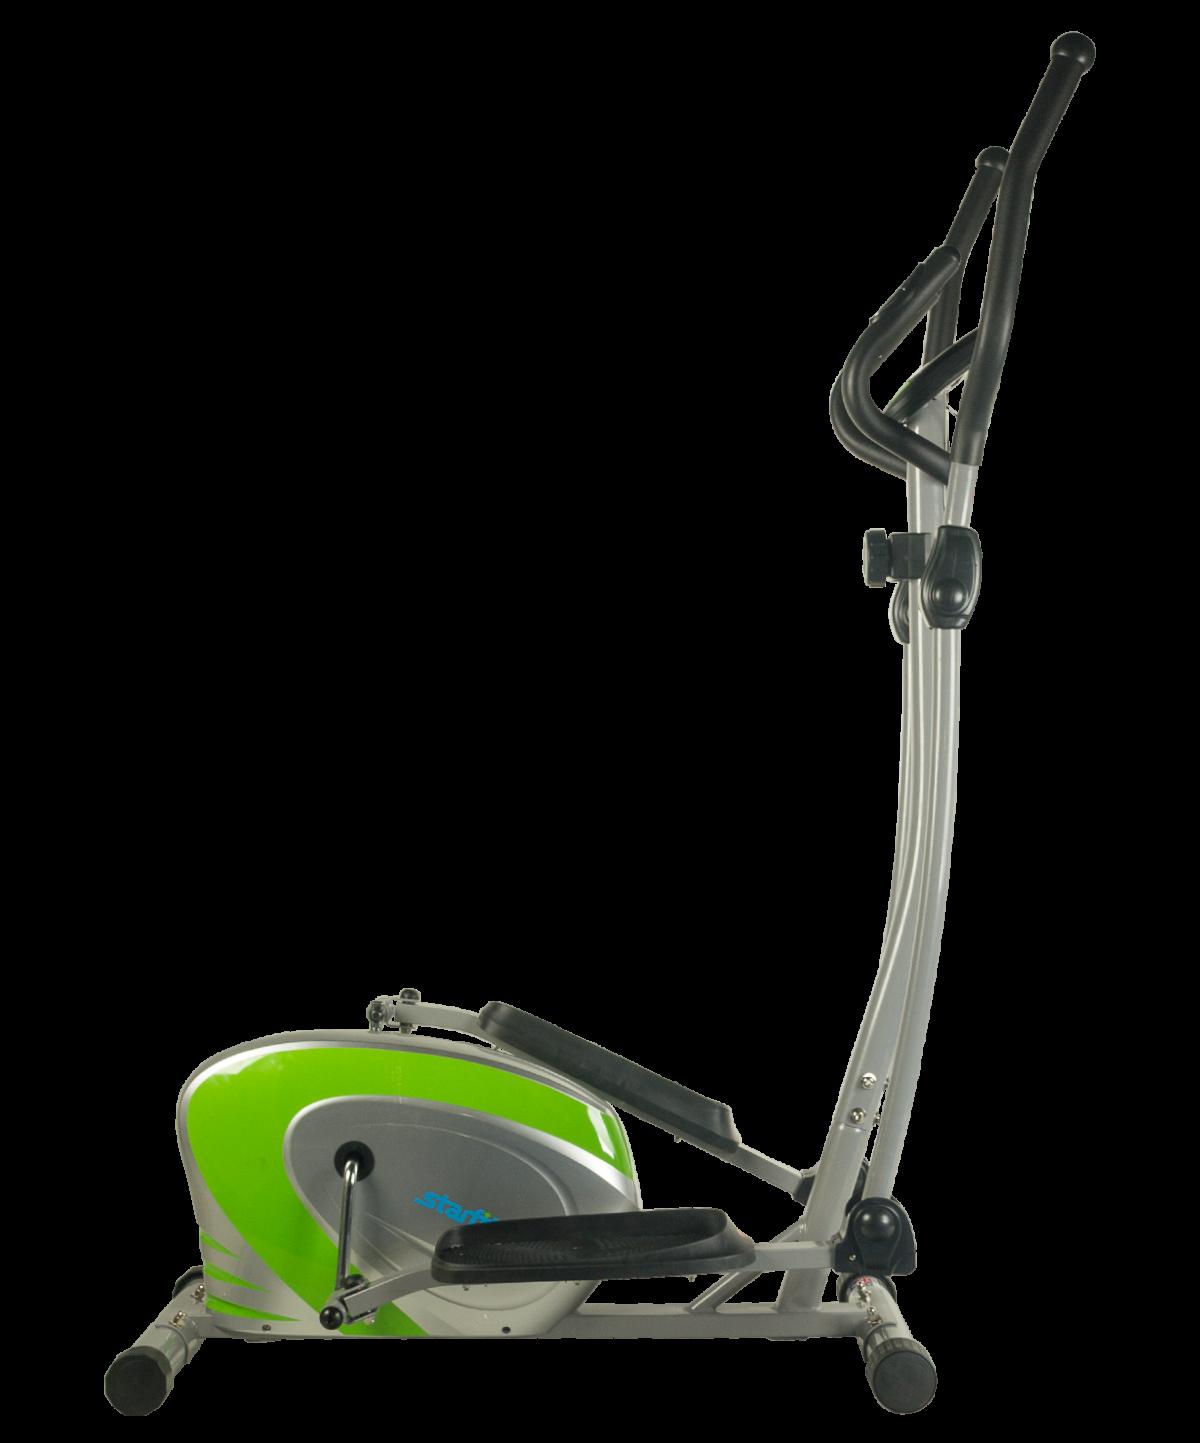 STARFIT Optimus Эллиптический тренажер магнитный  VE-103 - 3